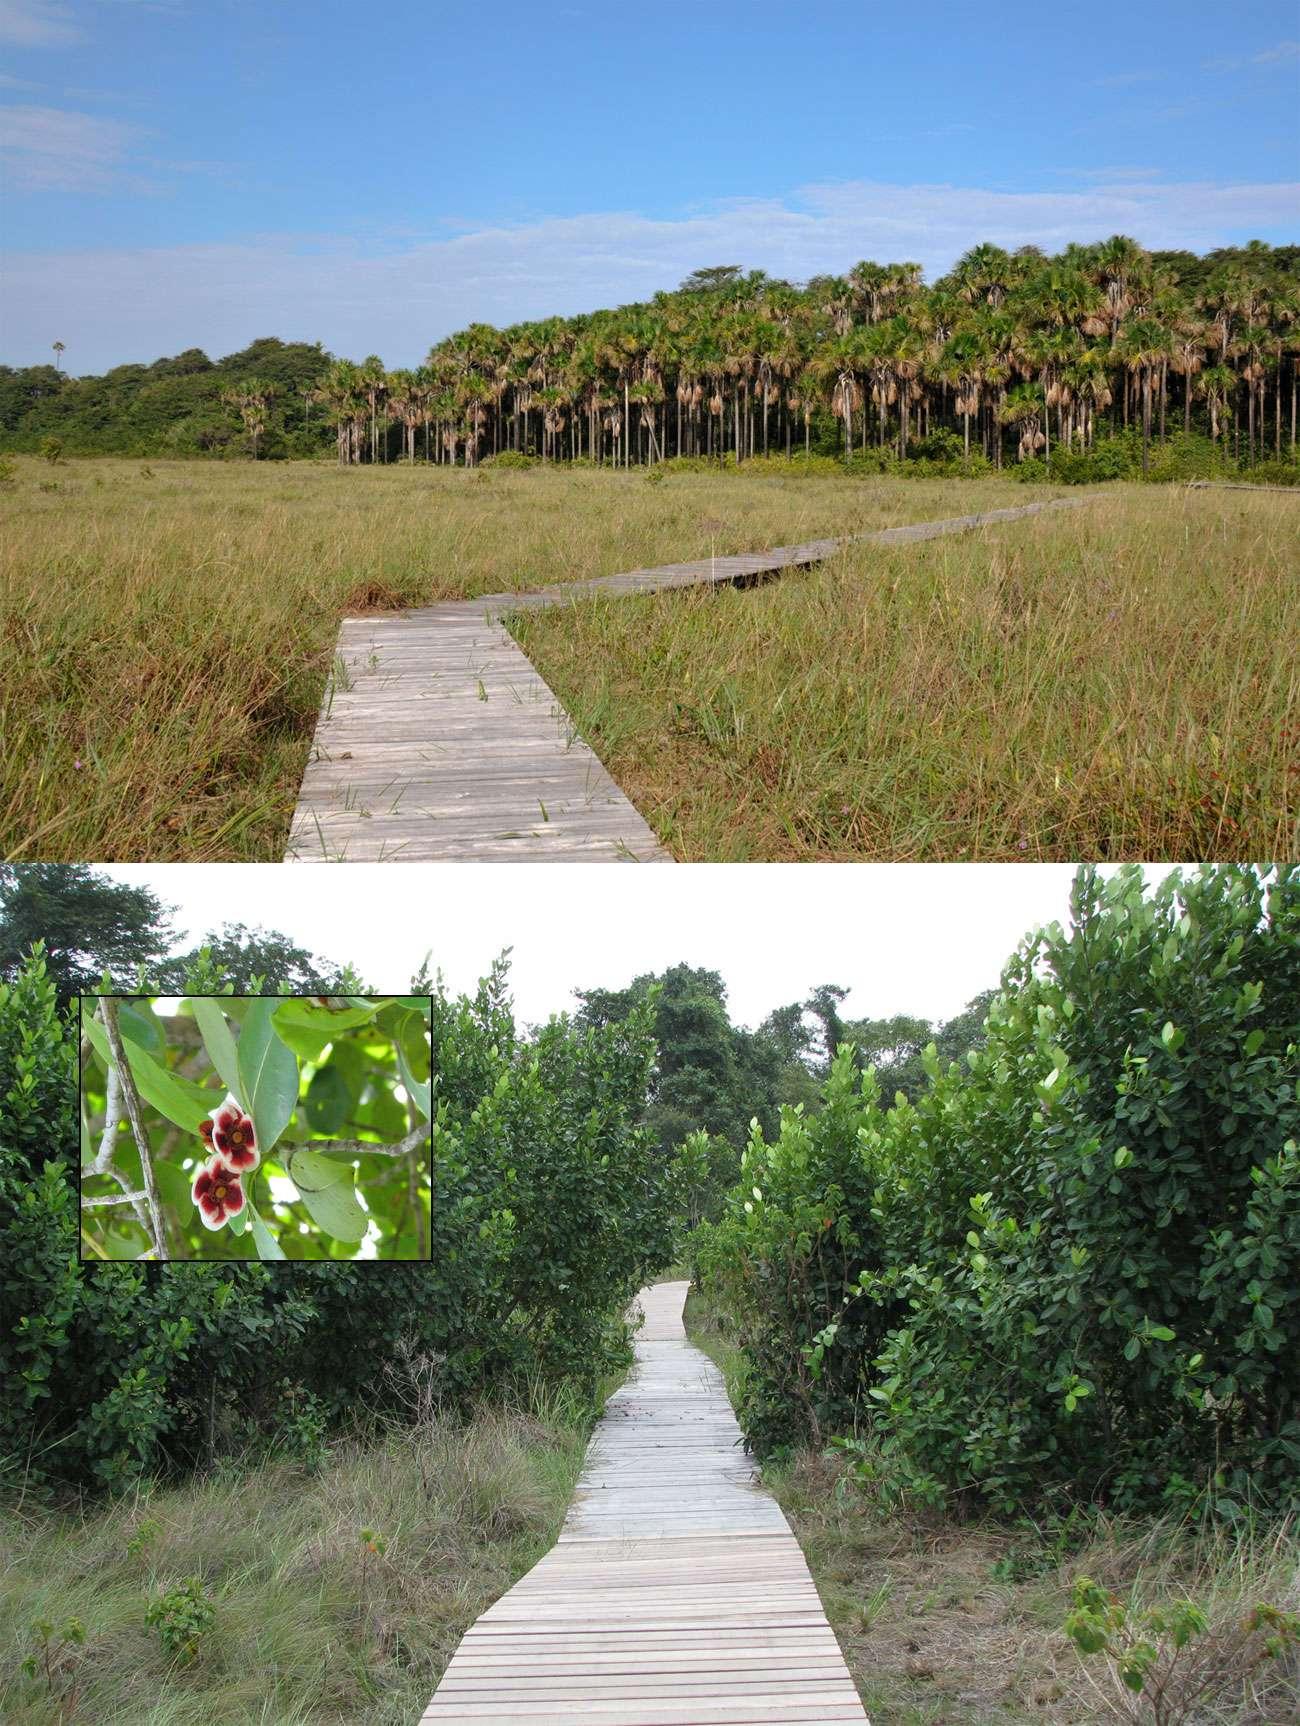 Ébène (en haut de l'image) et Clusia (en encart, la fleur qui lui a donné son nom), les deux sentiers environnementaux du Centre spatial guyanais. © Rémy Decourt